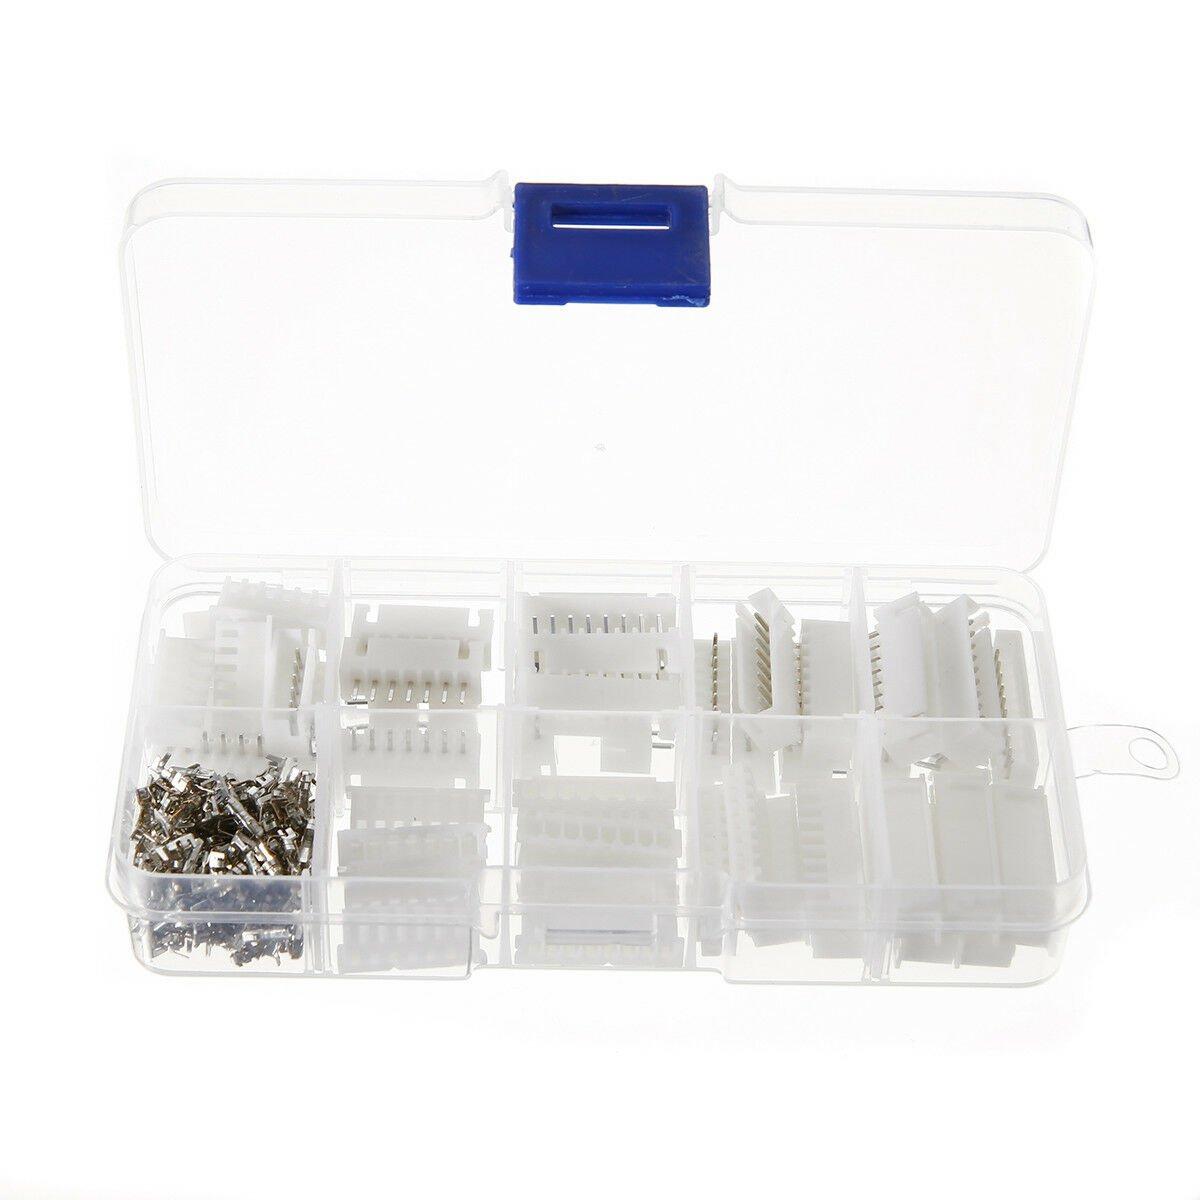 25 Set JST-XH Connector Kits 2.54mm Terminal Housing Pin Header 6-10 Pin Adapter